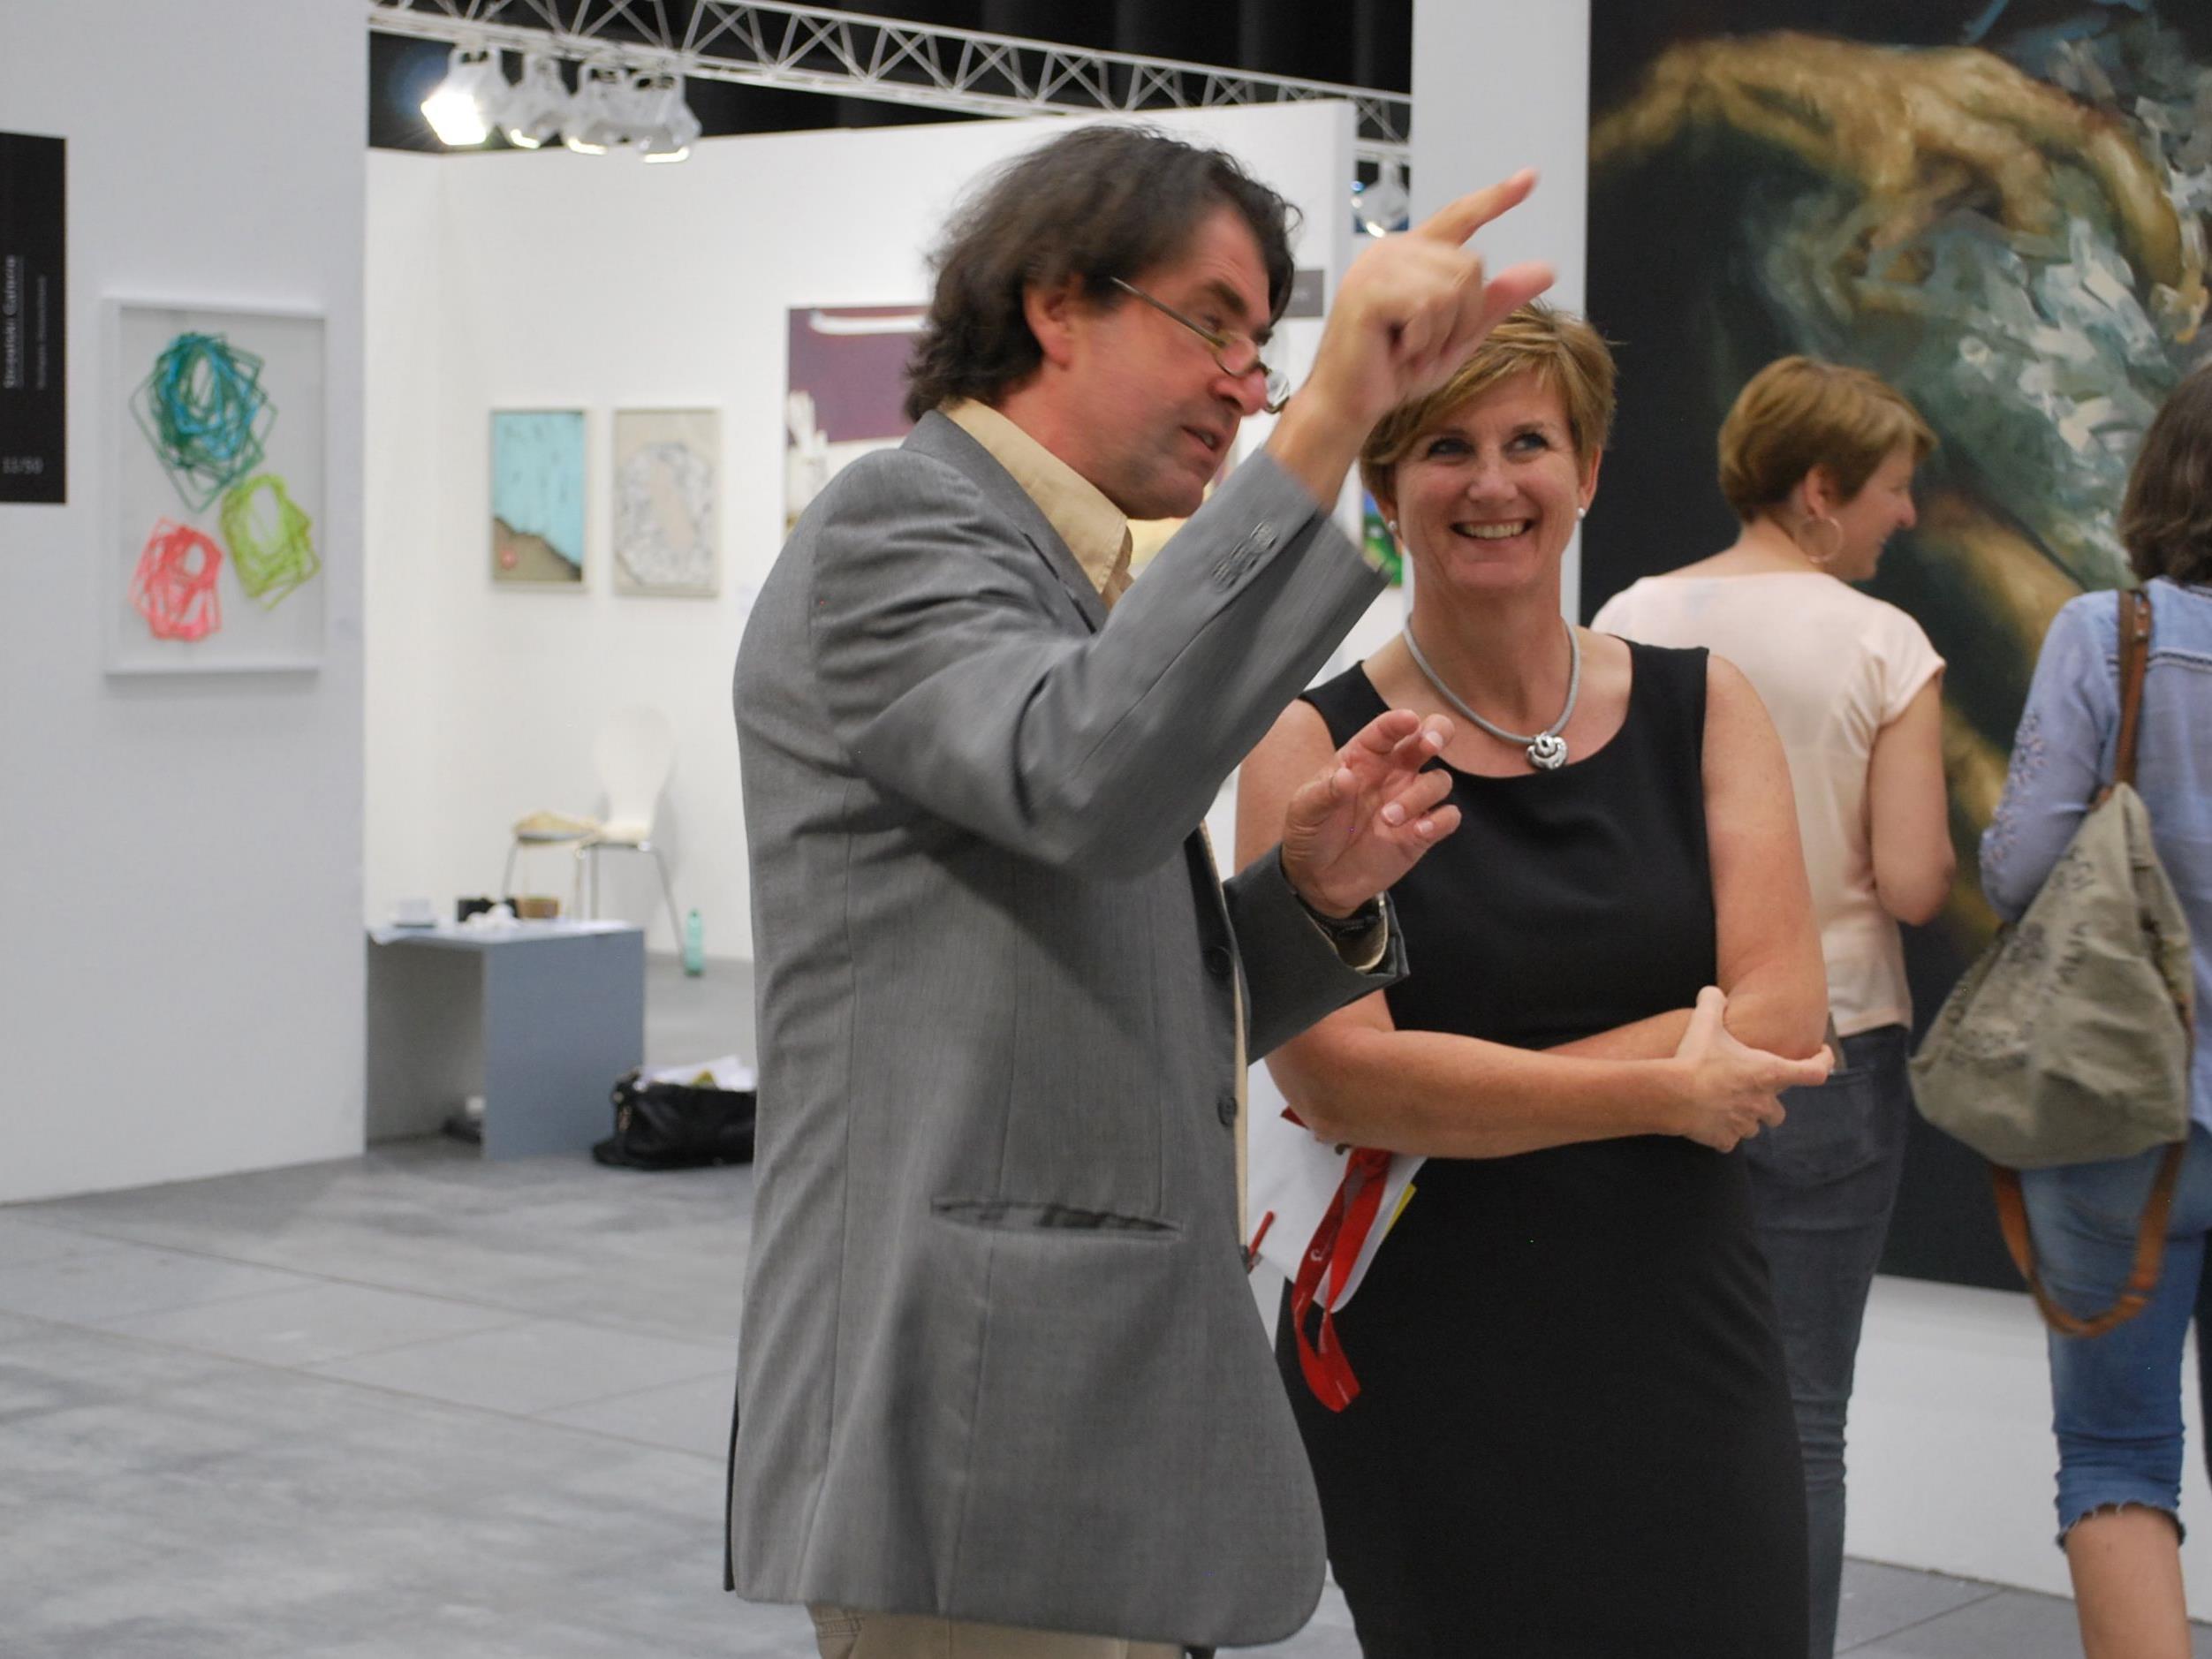 Sabine Tichy-Treimel, Geschäftsführerin Messe Dornbirn beim Rundgang mit Harald Gfader, Kurator und Künstler